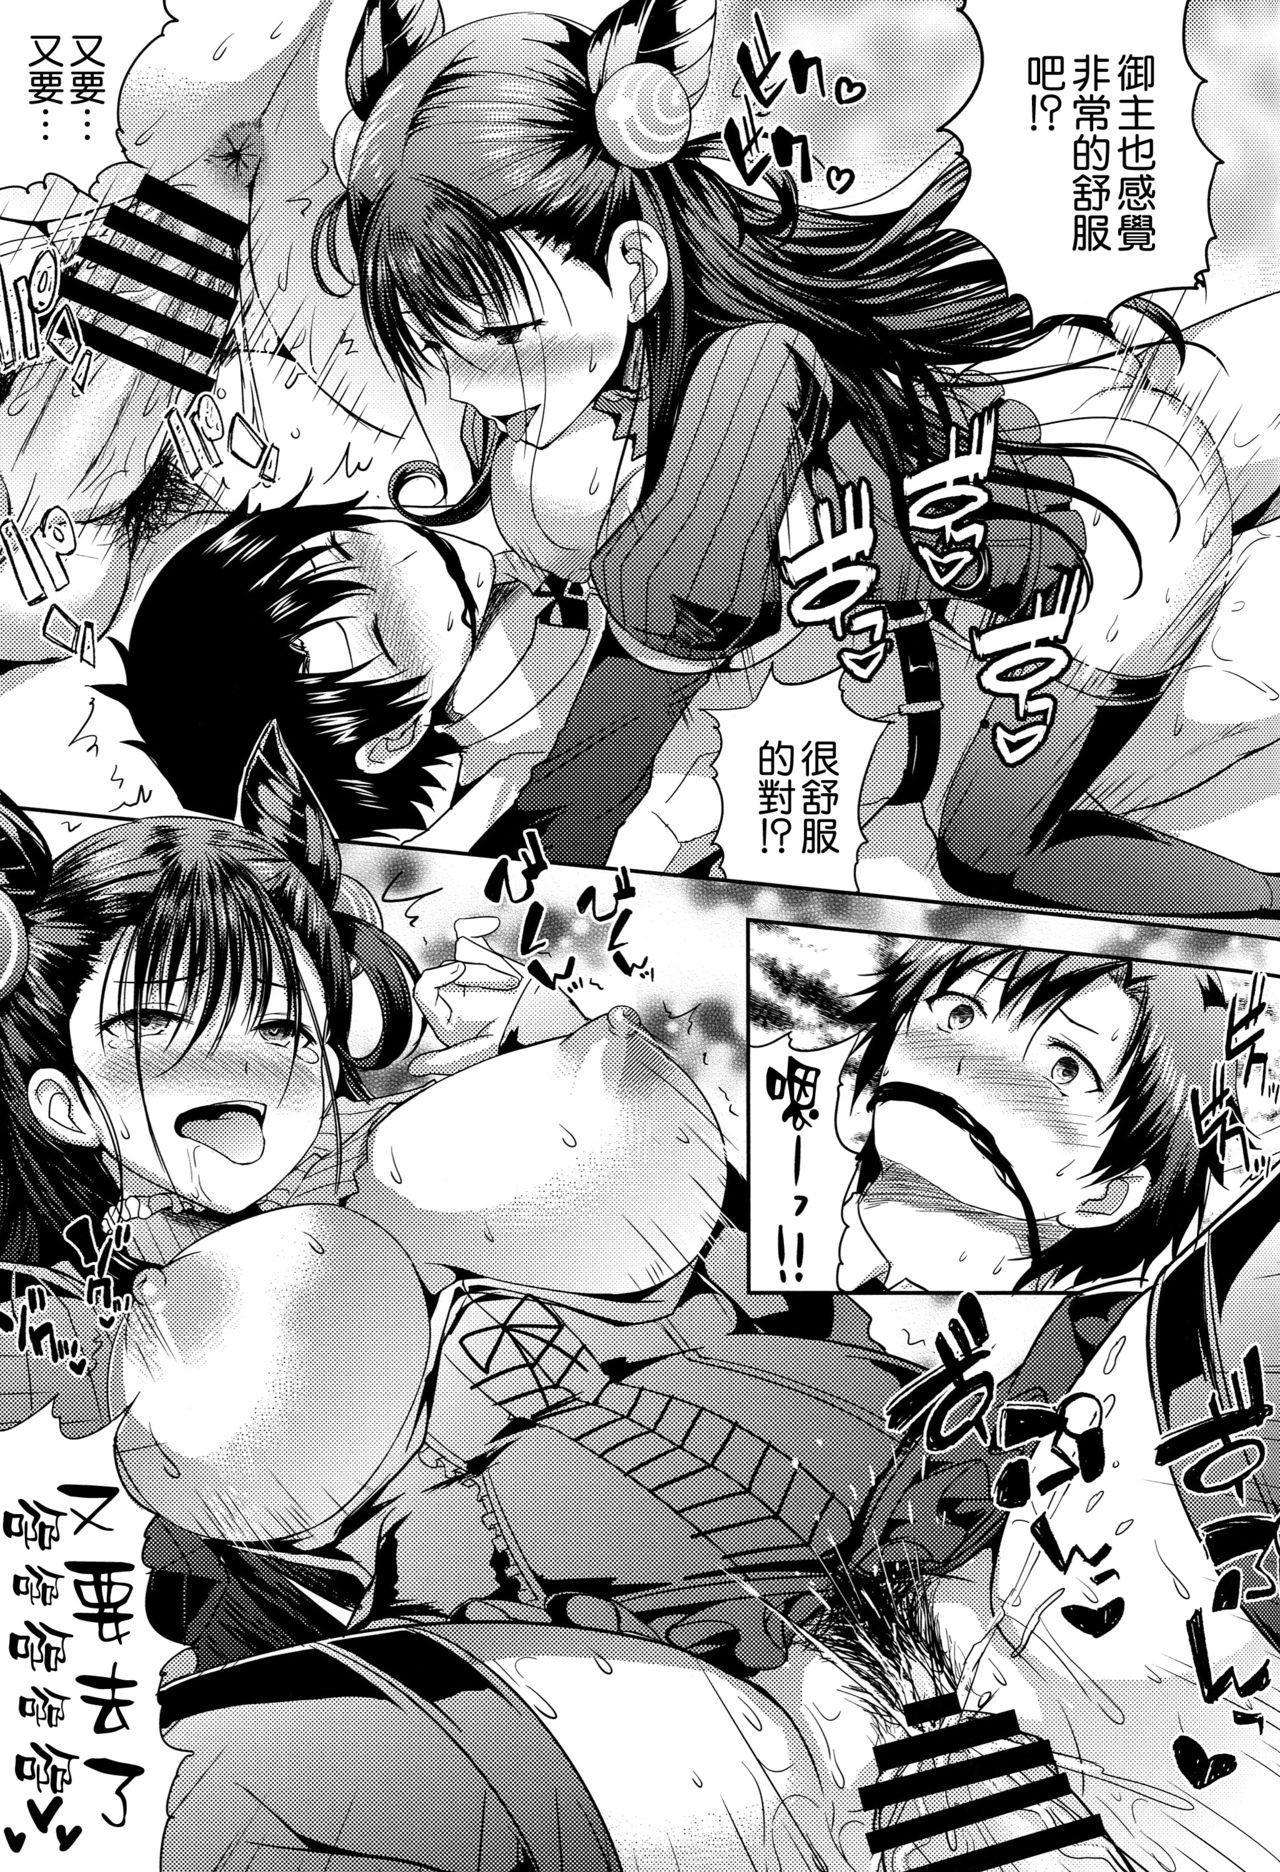 Murasaki Shikibu Midaregami 18